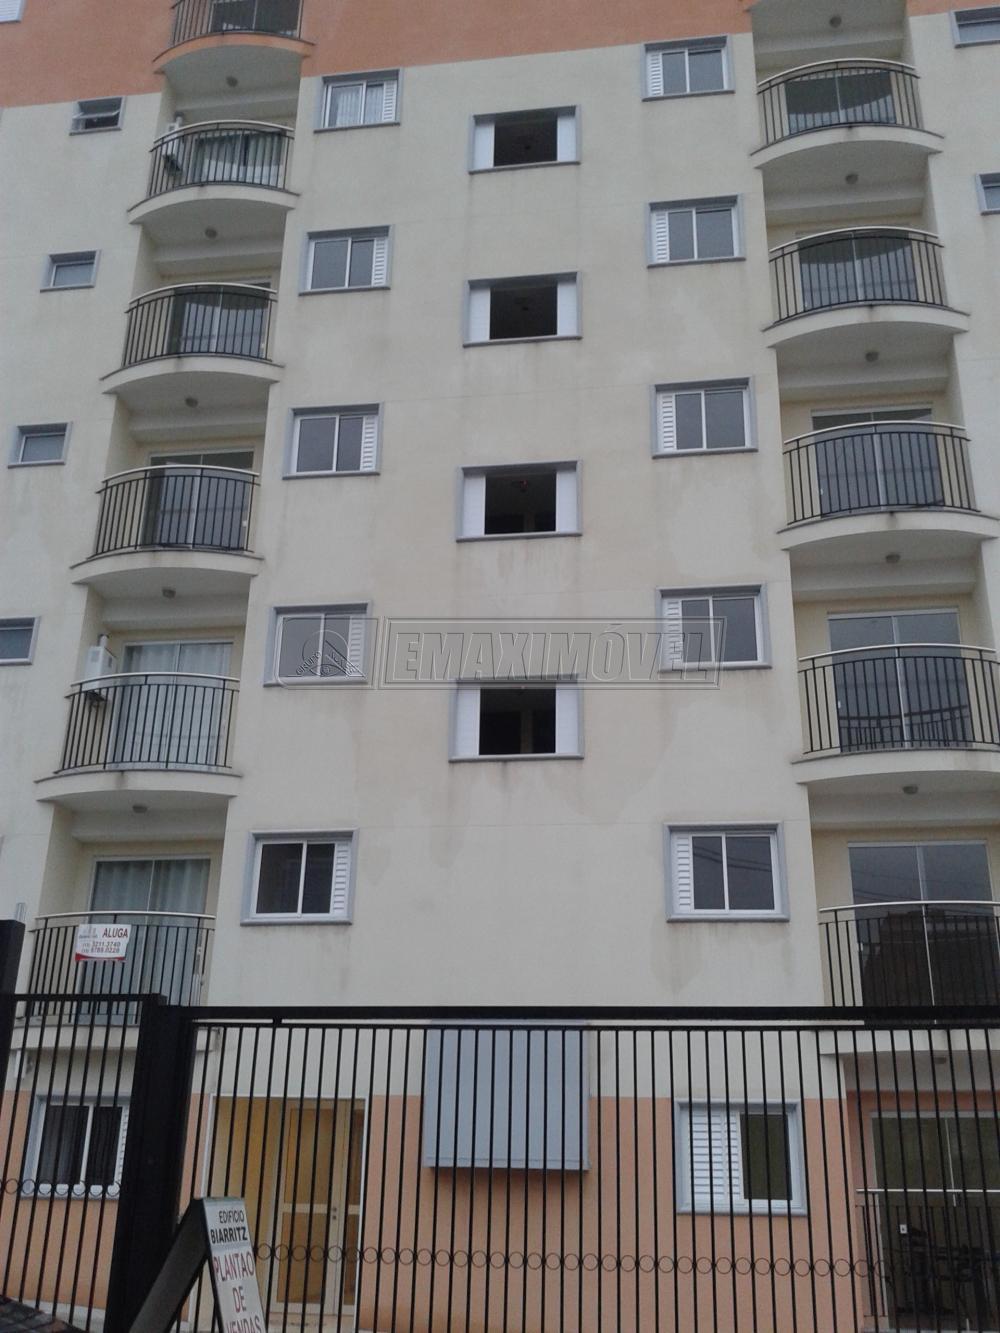 Comprar Apartamentos / Cobertura em Sorocaba apenas R$ 226.000,00 - Foto 3